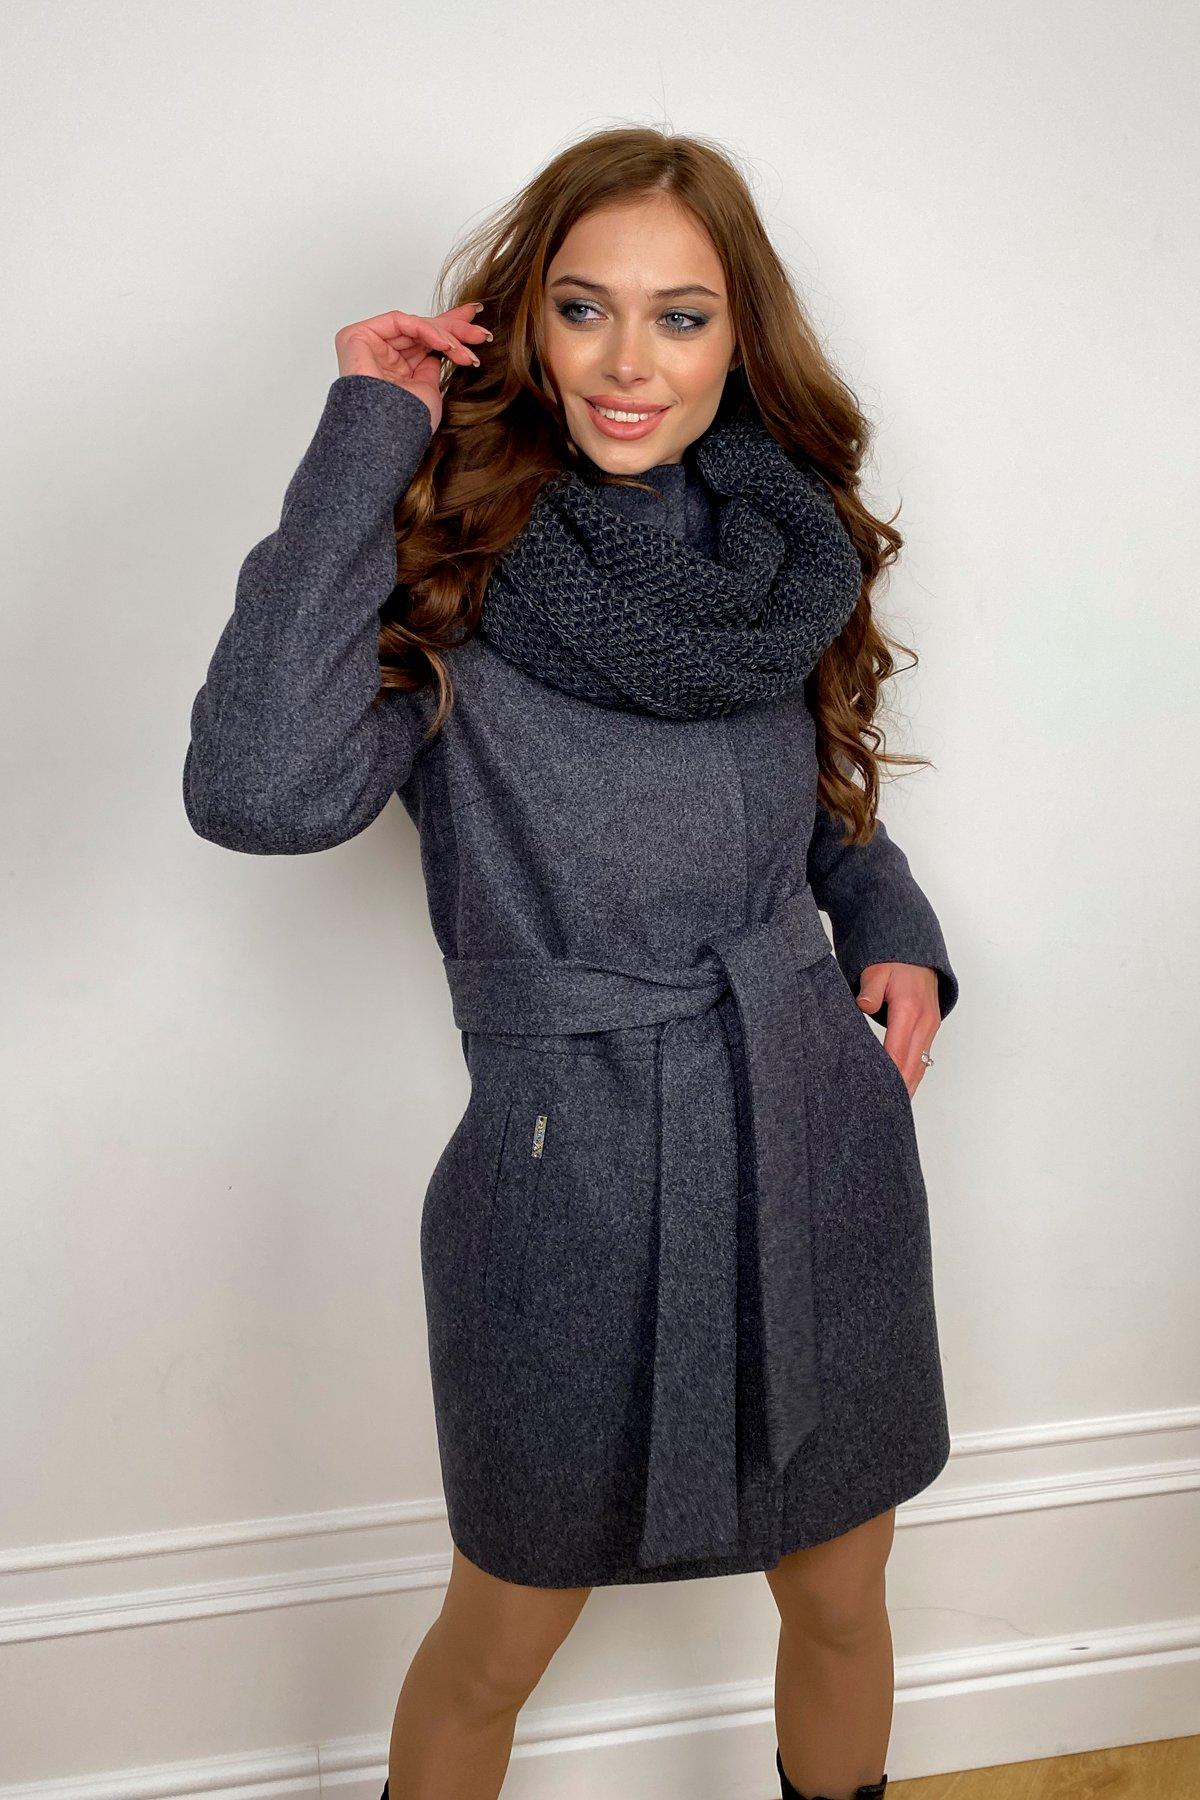 Пальто женское зимнее Габи 8295 с шарфом-трубой АРТ. 44407 Цвет: т. синий 543 - фото 2, интернет магазин tm-modus.ru